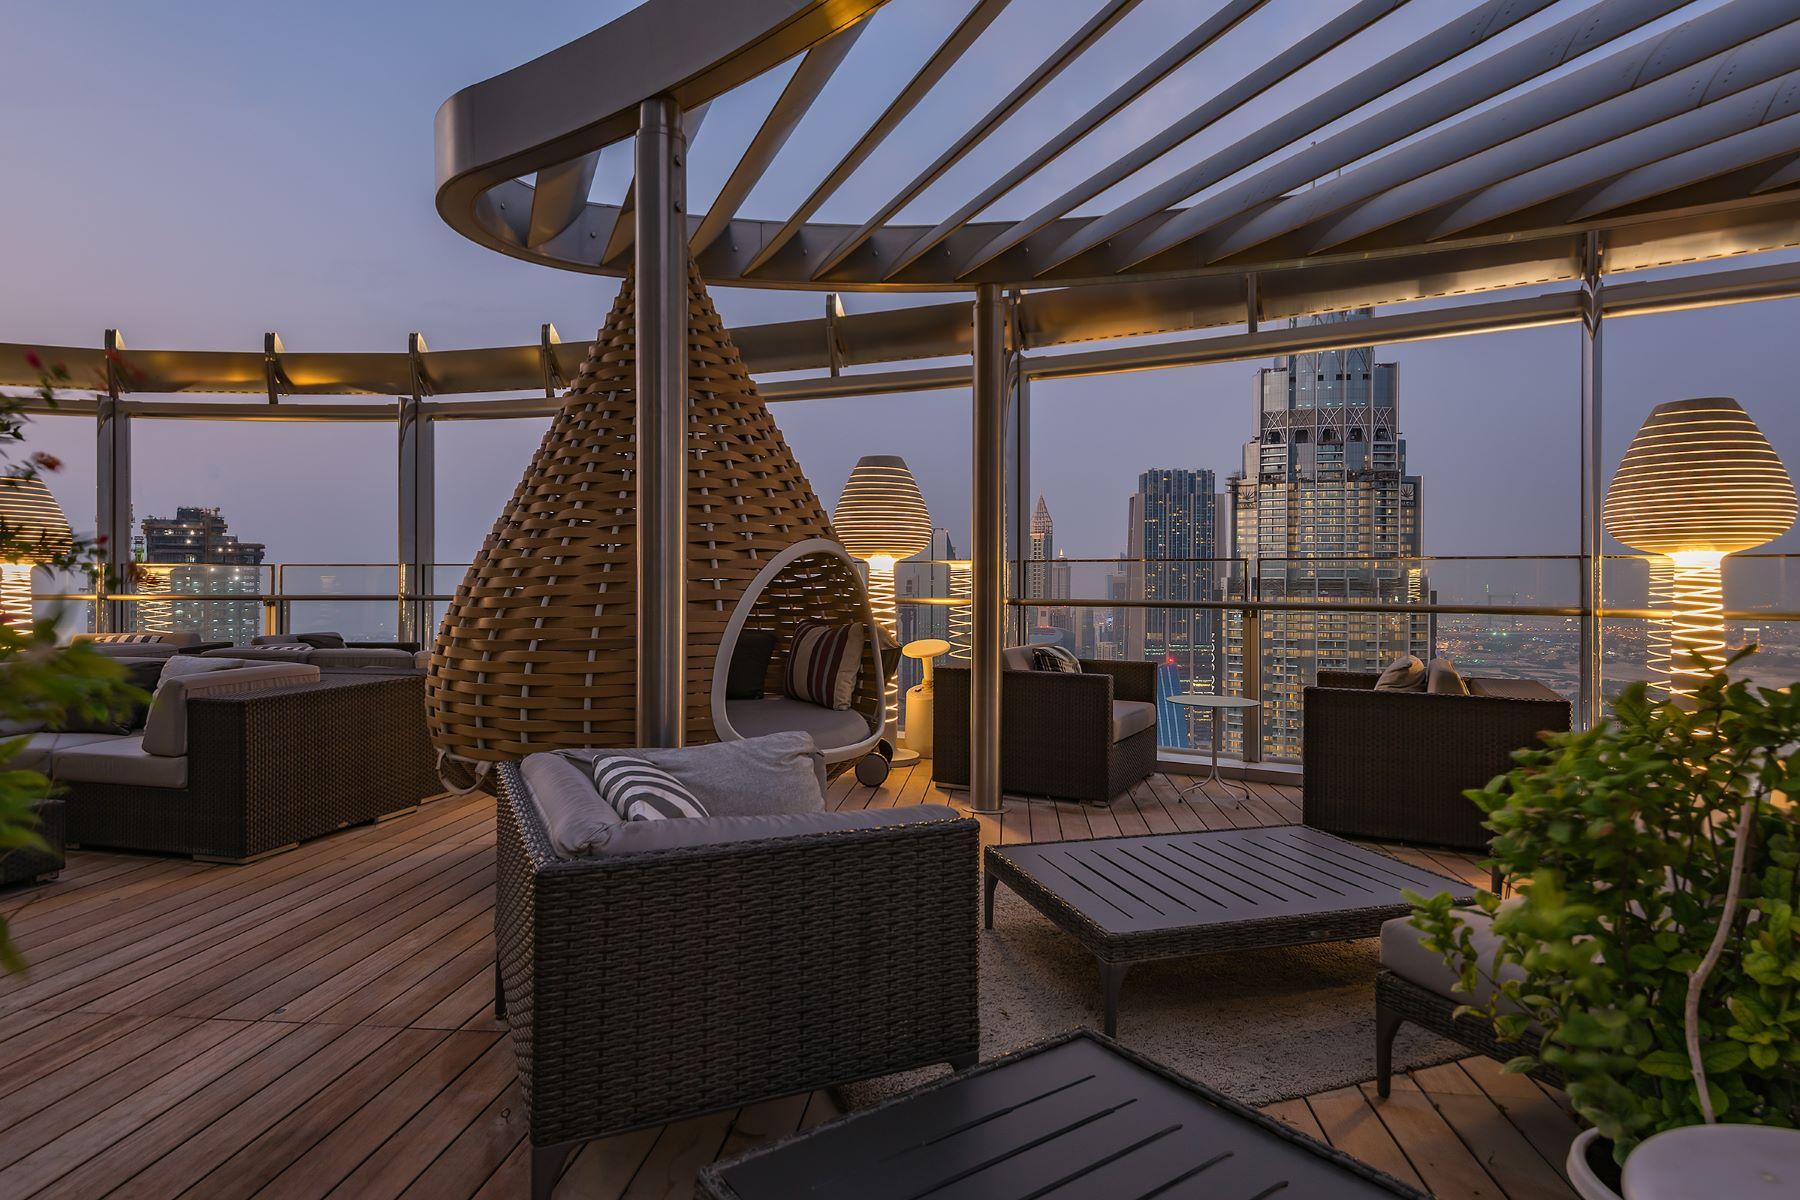 Căn hộ vì Bán tại Extraordinary Penthouse Dubai, Các Tiểu Vương Quốc Ả-Rập Thống Nhất